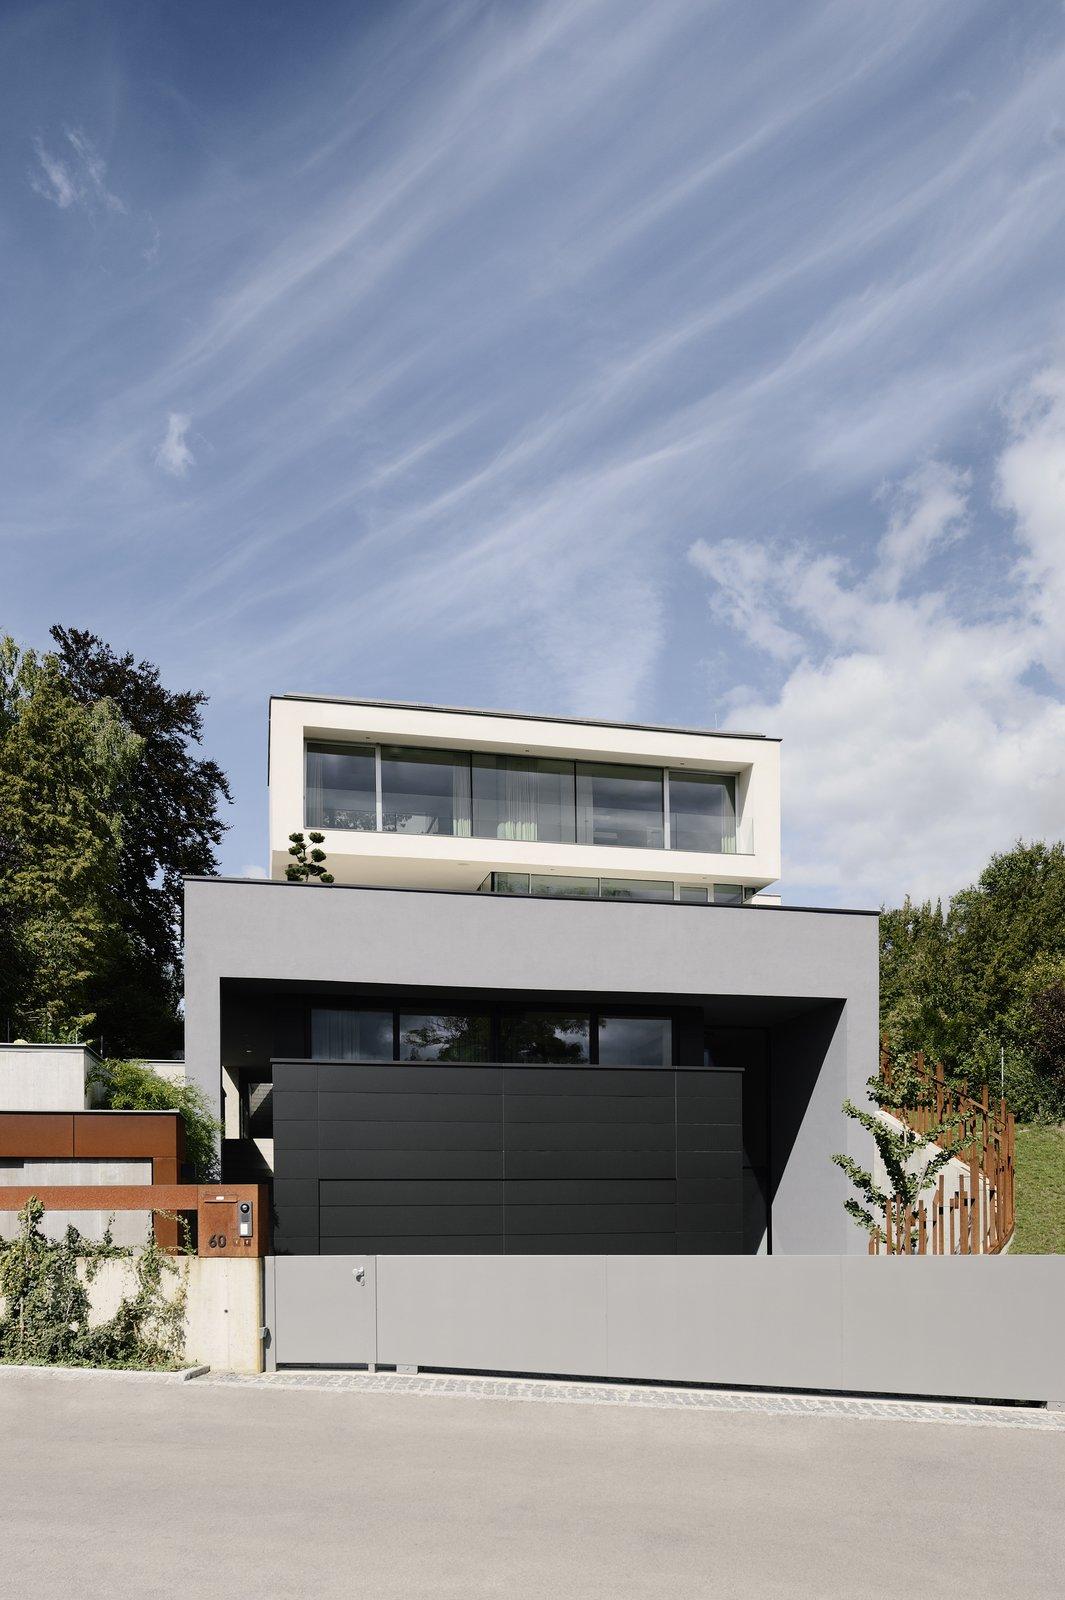 H_O by Architect Zoran Bodrozic